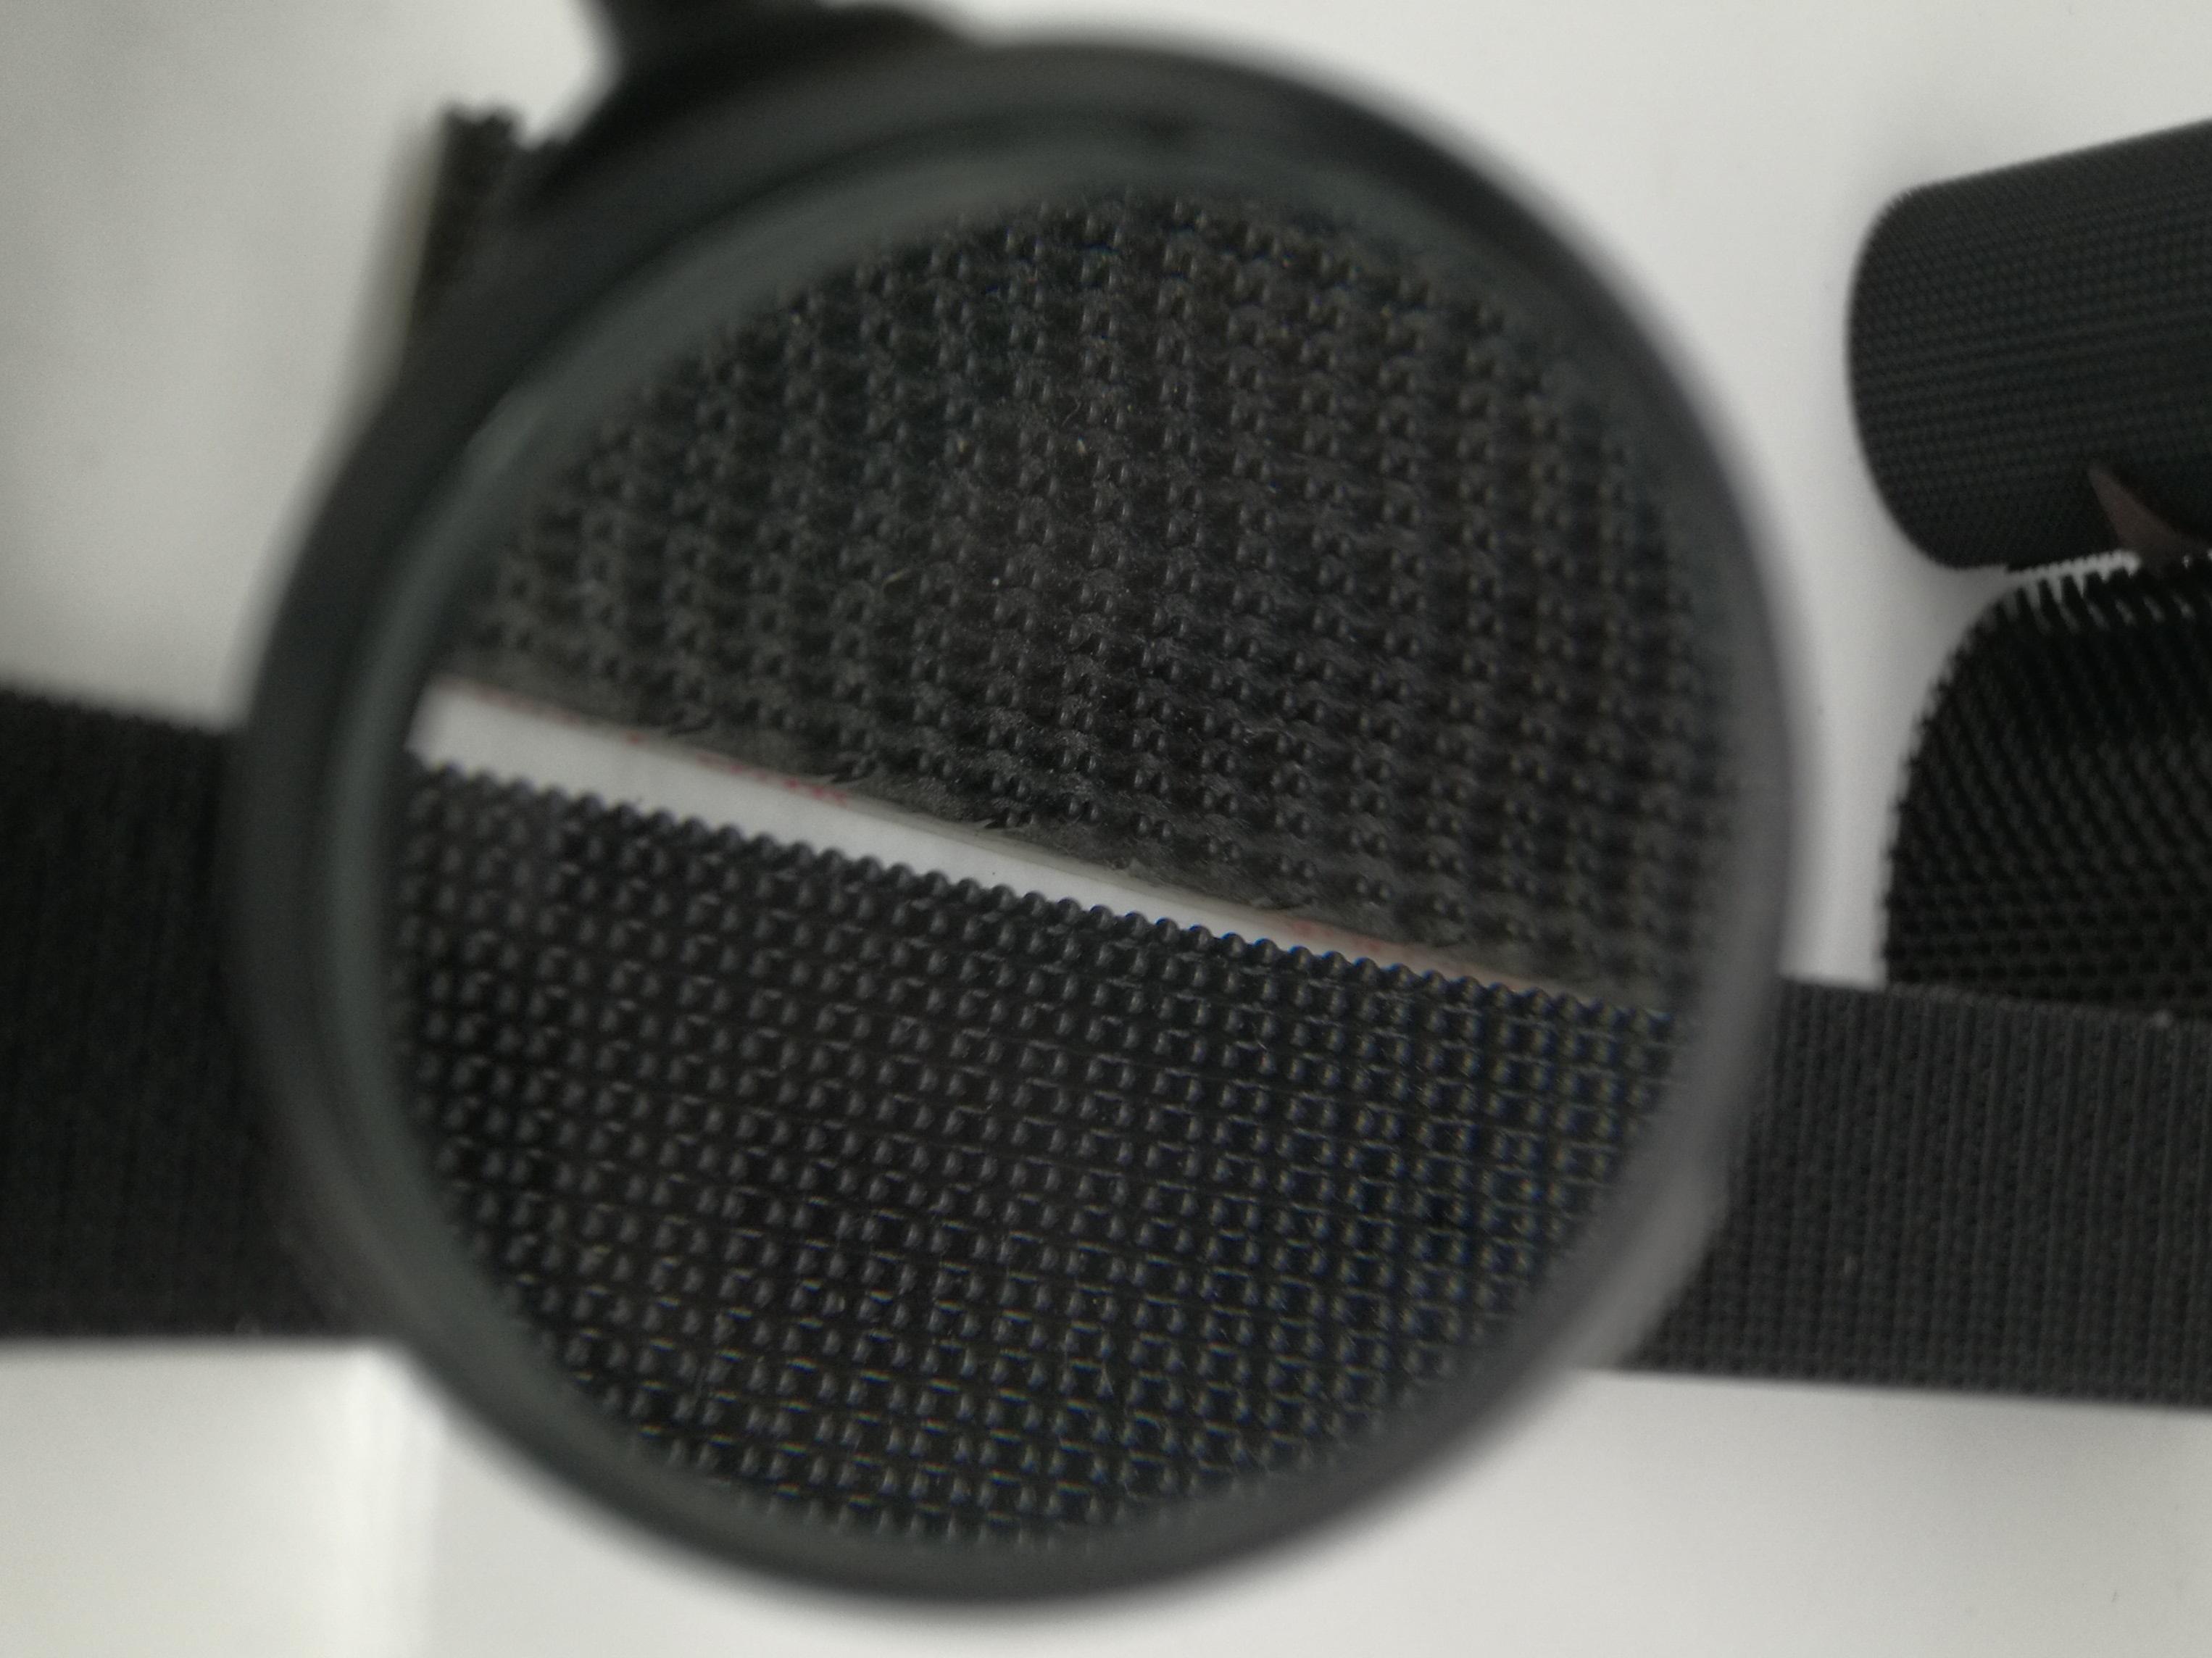 粘扣带又称魔术贴行业术语称子母扣。是箱包服饰上常用的一种连接辅料。它分公母两面:一面是细软的纤维,另一面是带有勾刺的弹性纤维。公母相扣,在受到一定横力的情况下,富有弹性的勾被拉直,从绒圈上松掉而打开,然后又恢复原有的勾型,如此反复开合可达一万次之多。 产品广泛用于服装、鞋子、帽子、手套、皮包、沙发、车船、座垫、航空用品、雨披、窗帘、玩具、睡袋、体育运动器材、音响器材、医疗器械、帐篷、小轮车护套、各类军工产品、电子电线、充电器、陈列用具等 瑞鸿富科技公司长期与LENOVO、HP MOTOROLA、SAMSUNG、SONY ERICSSON、SIEMENS、LG等相关业务厂商,长期以来并一直与其保持良好稳定的合作关系. 。